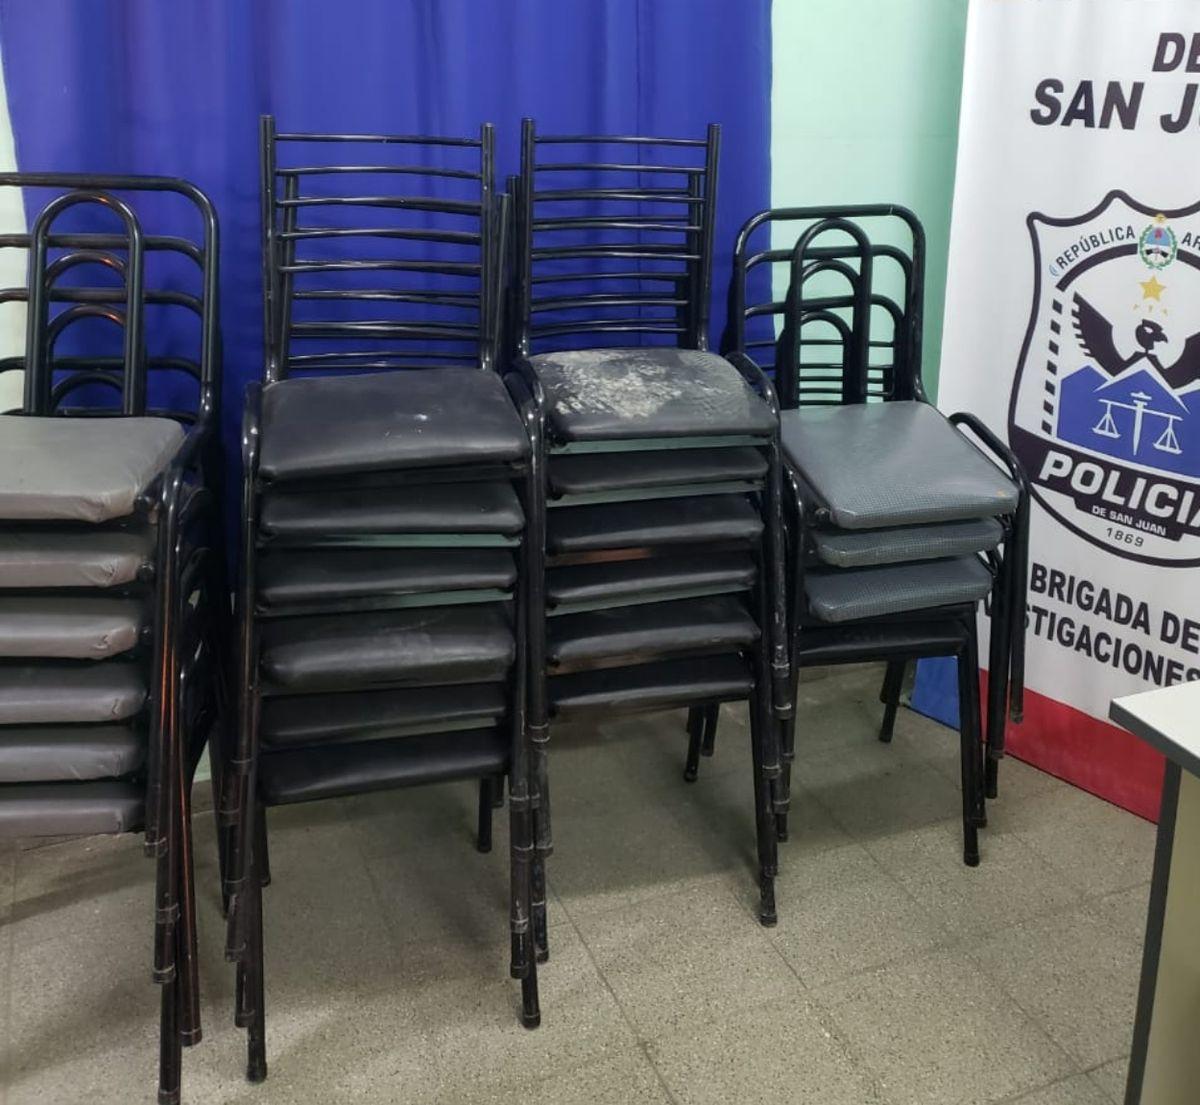 Se llevaron las sillas de los fieles de una iglesia cristiana y recuperaron algunas